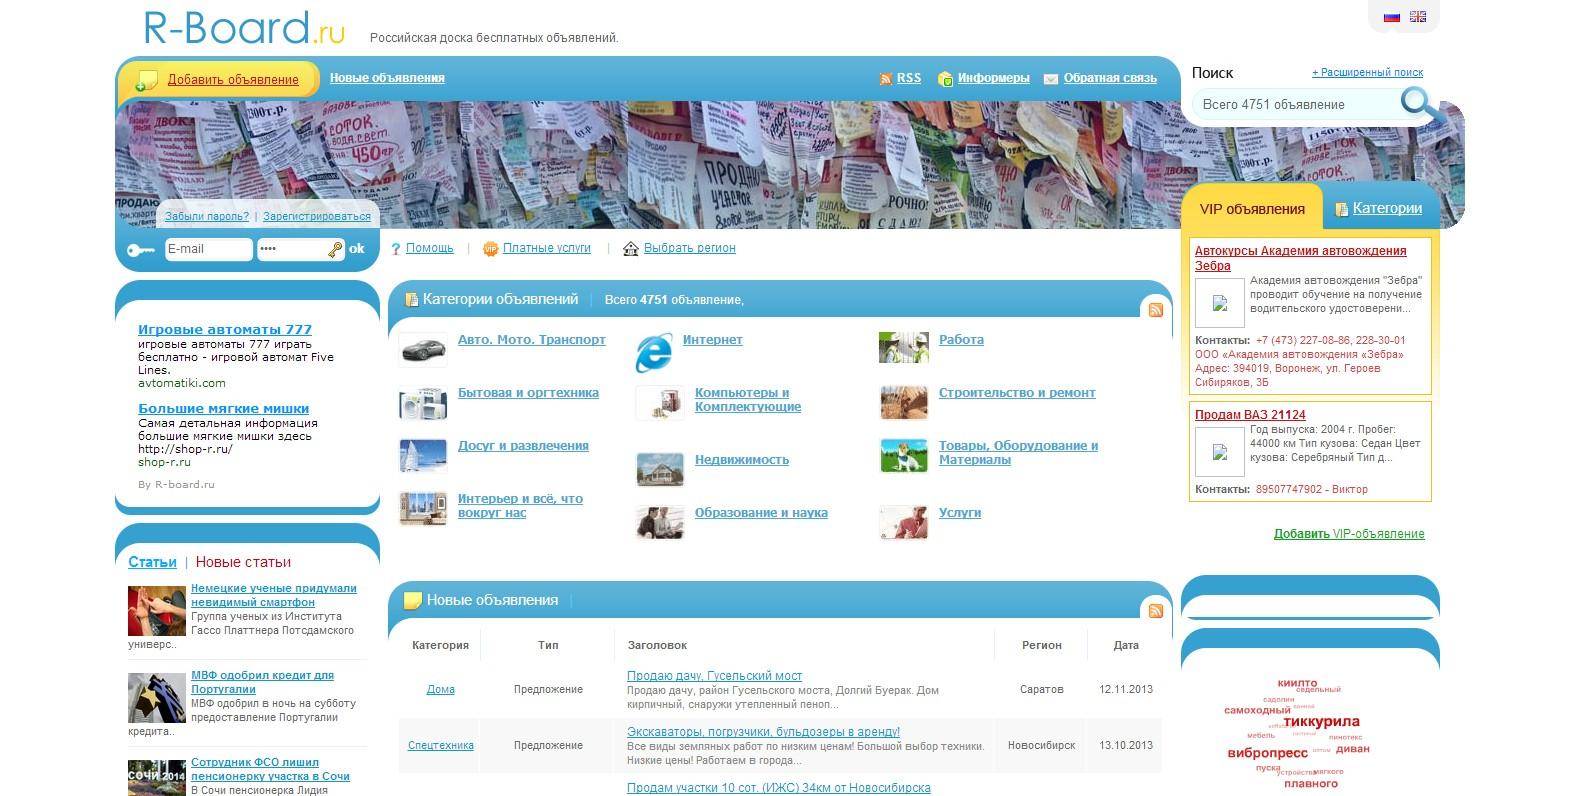 Сайт доски объявлений